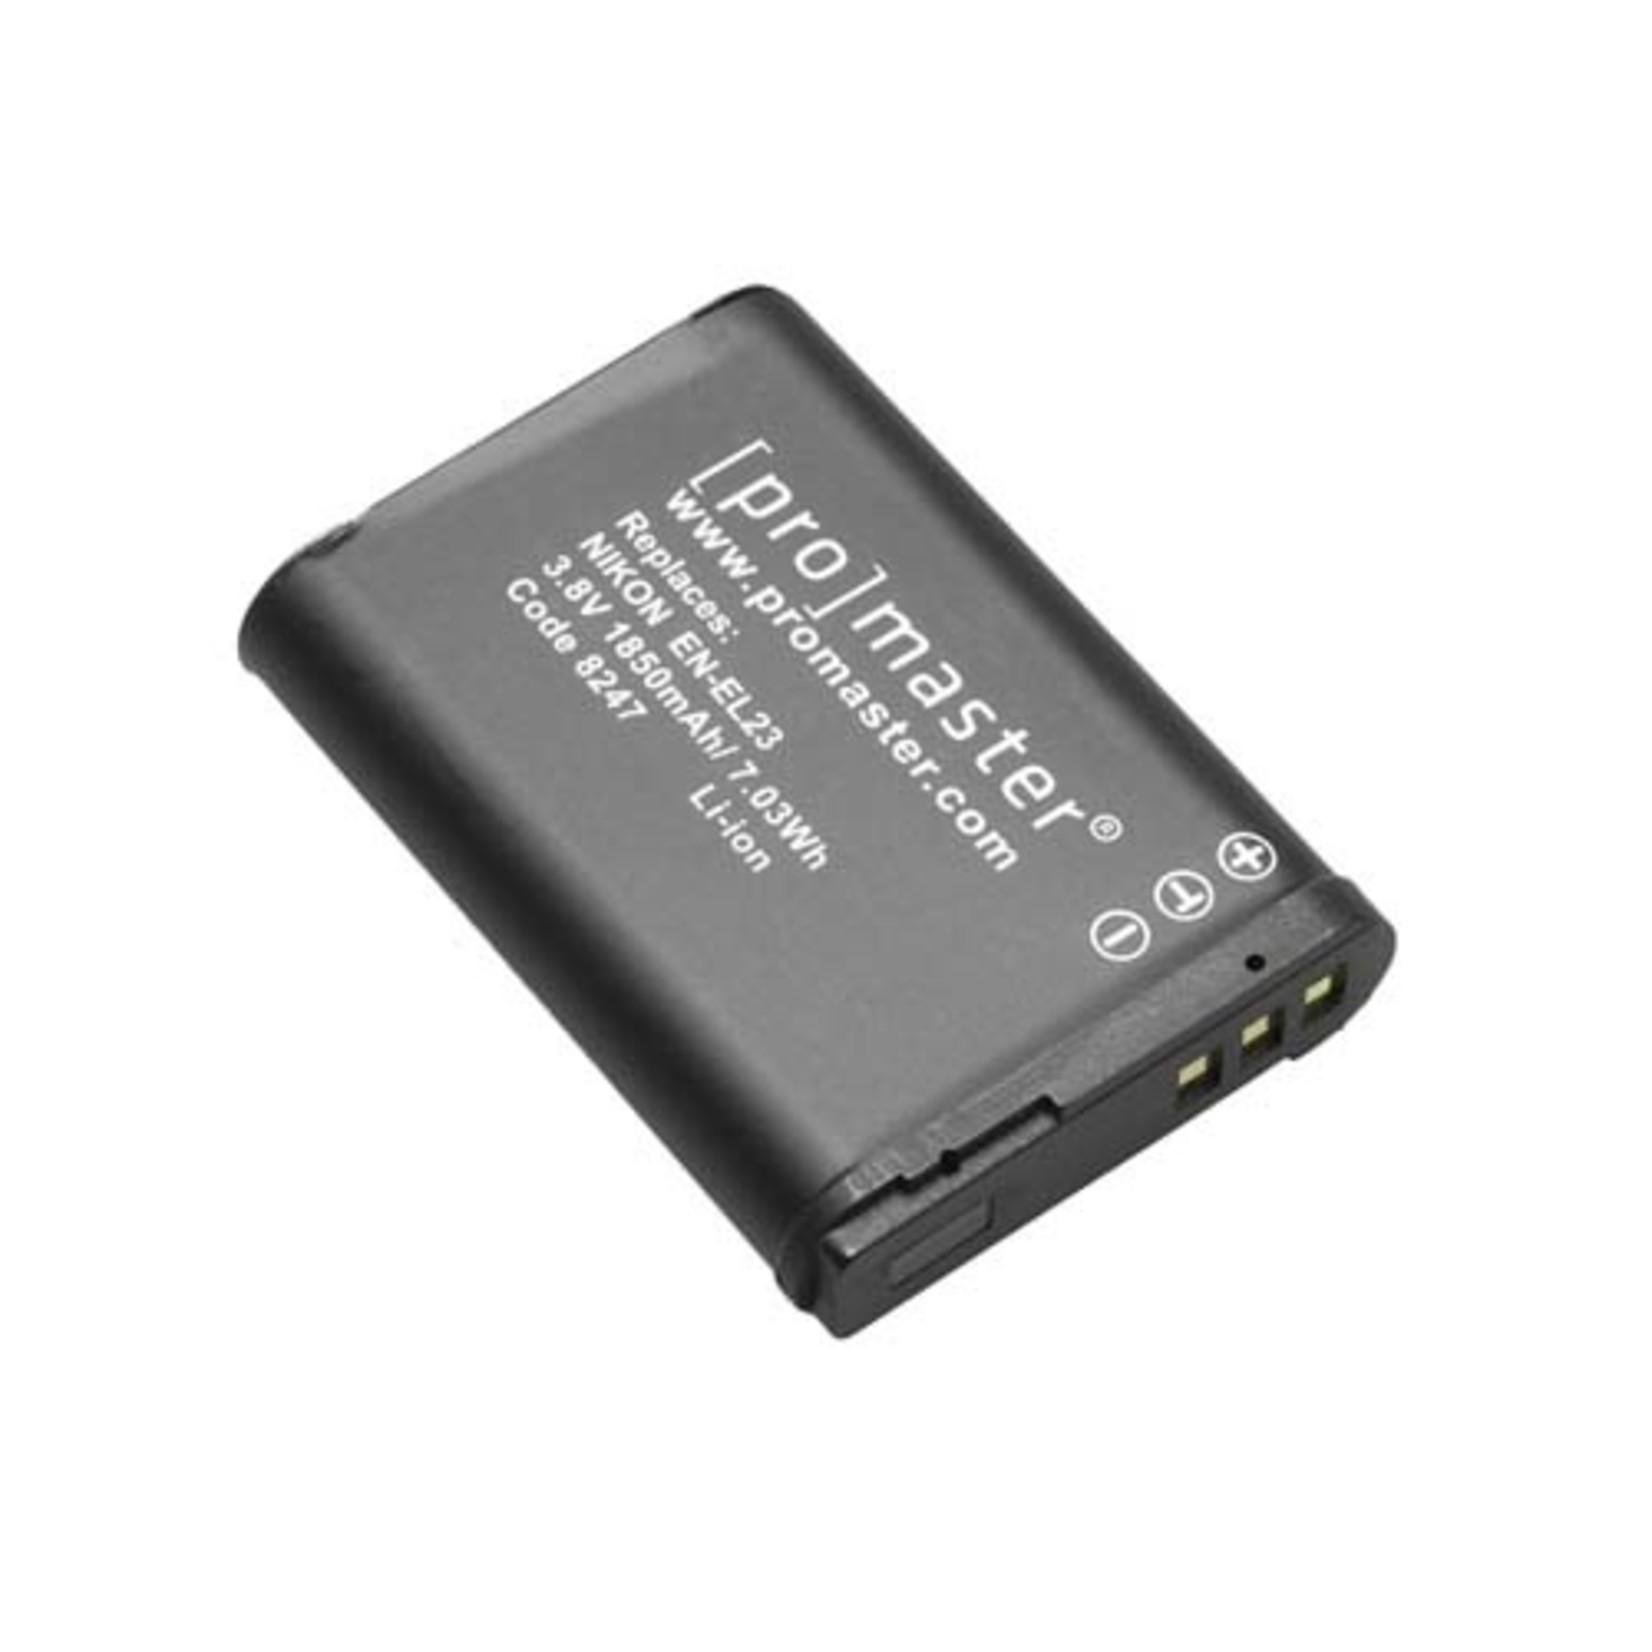 ProMaster Li-ion Battery for Nikon EN-EL23